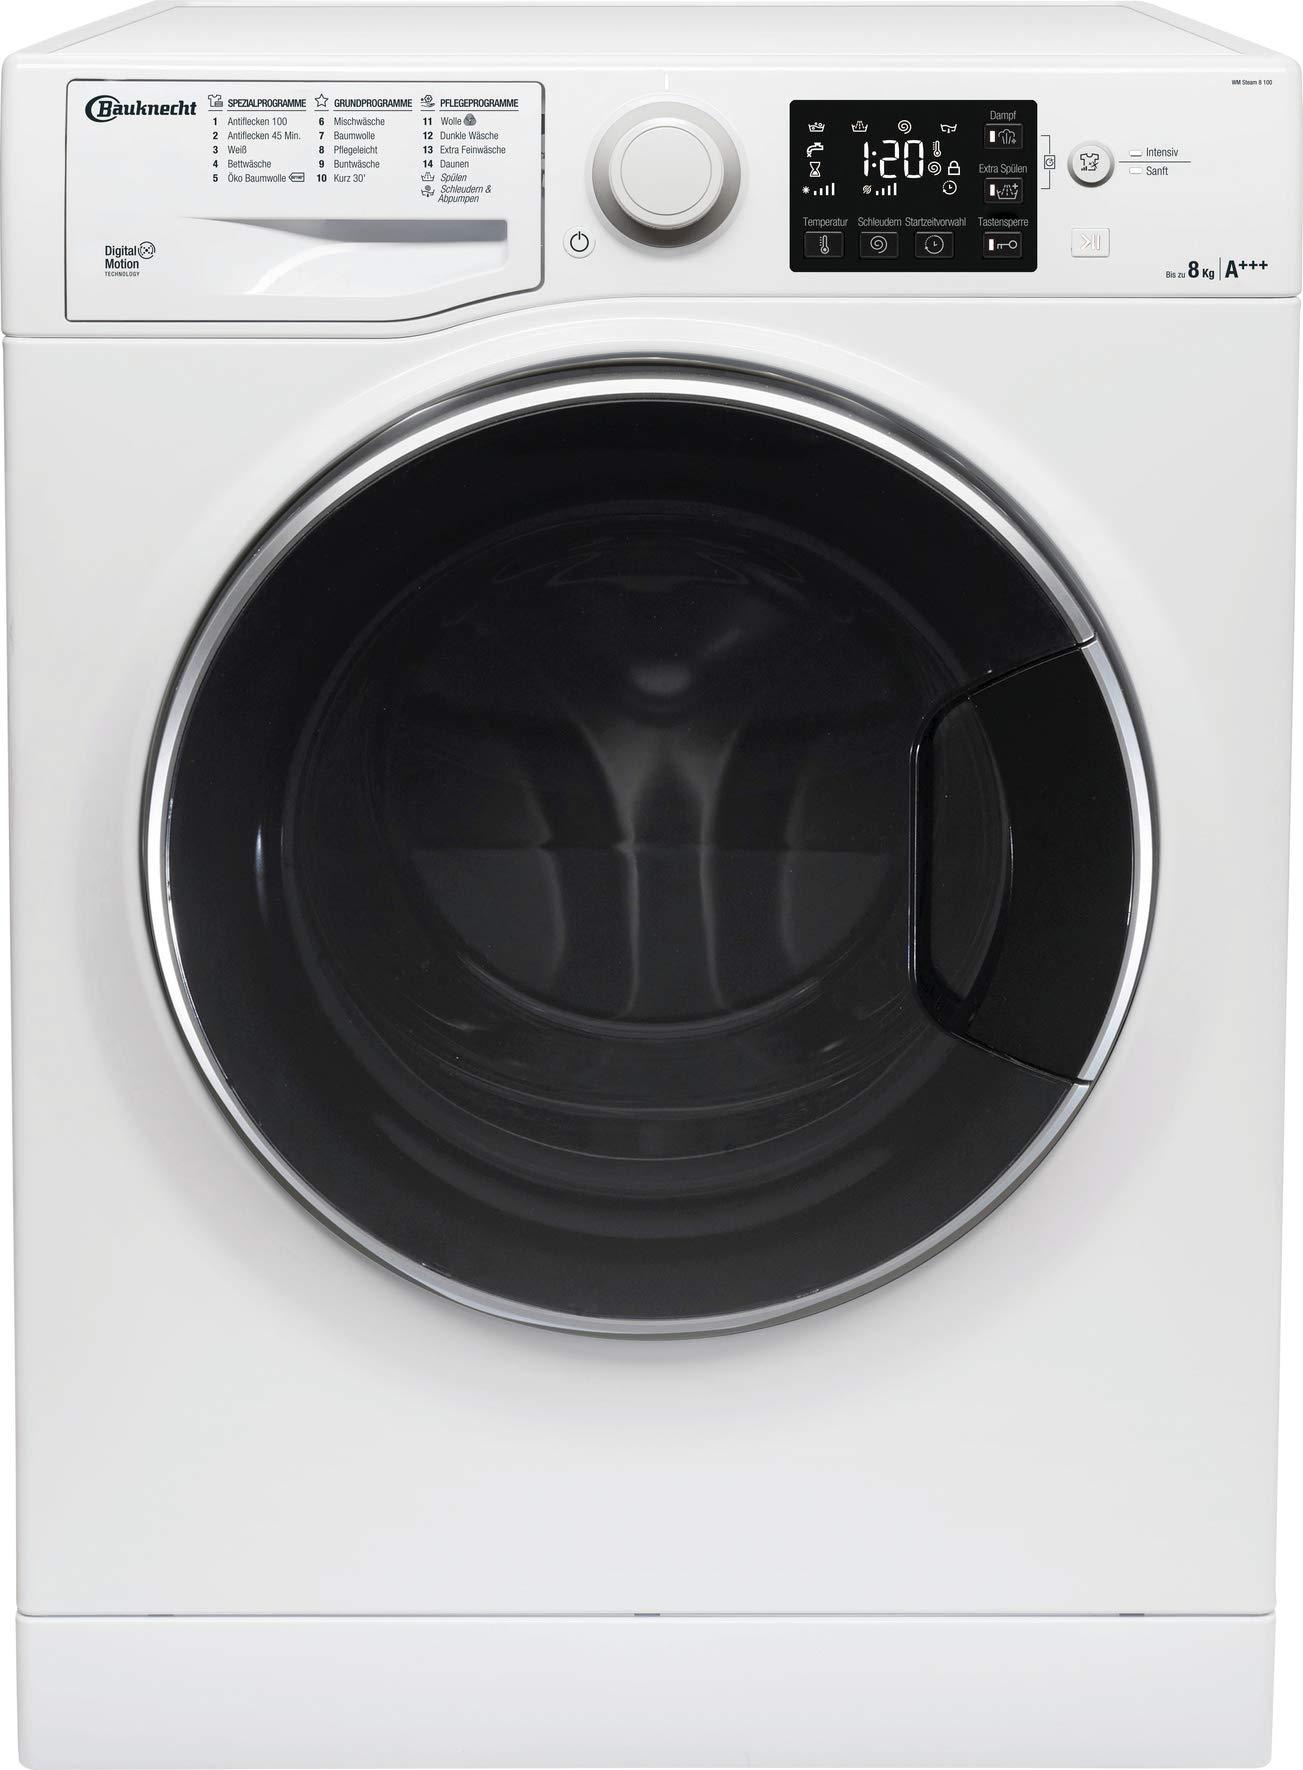 Bauknecht WM Steam 8 100 Waschmaschine Frontlader, 8 kg, Dampf-Option, weiß